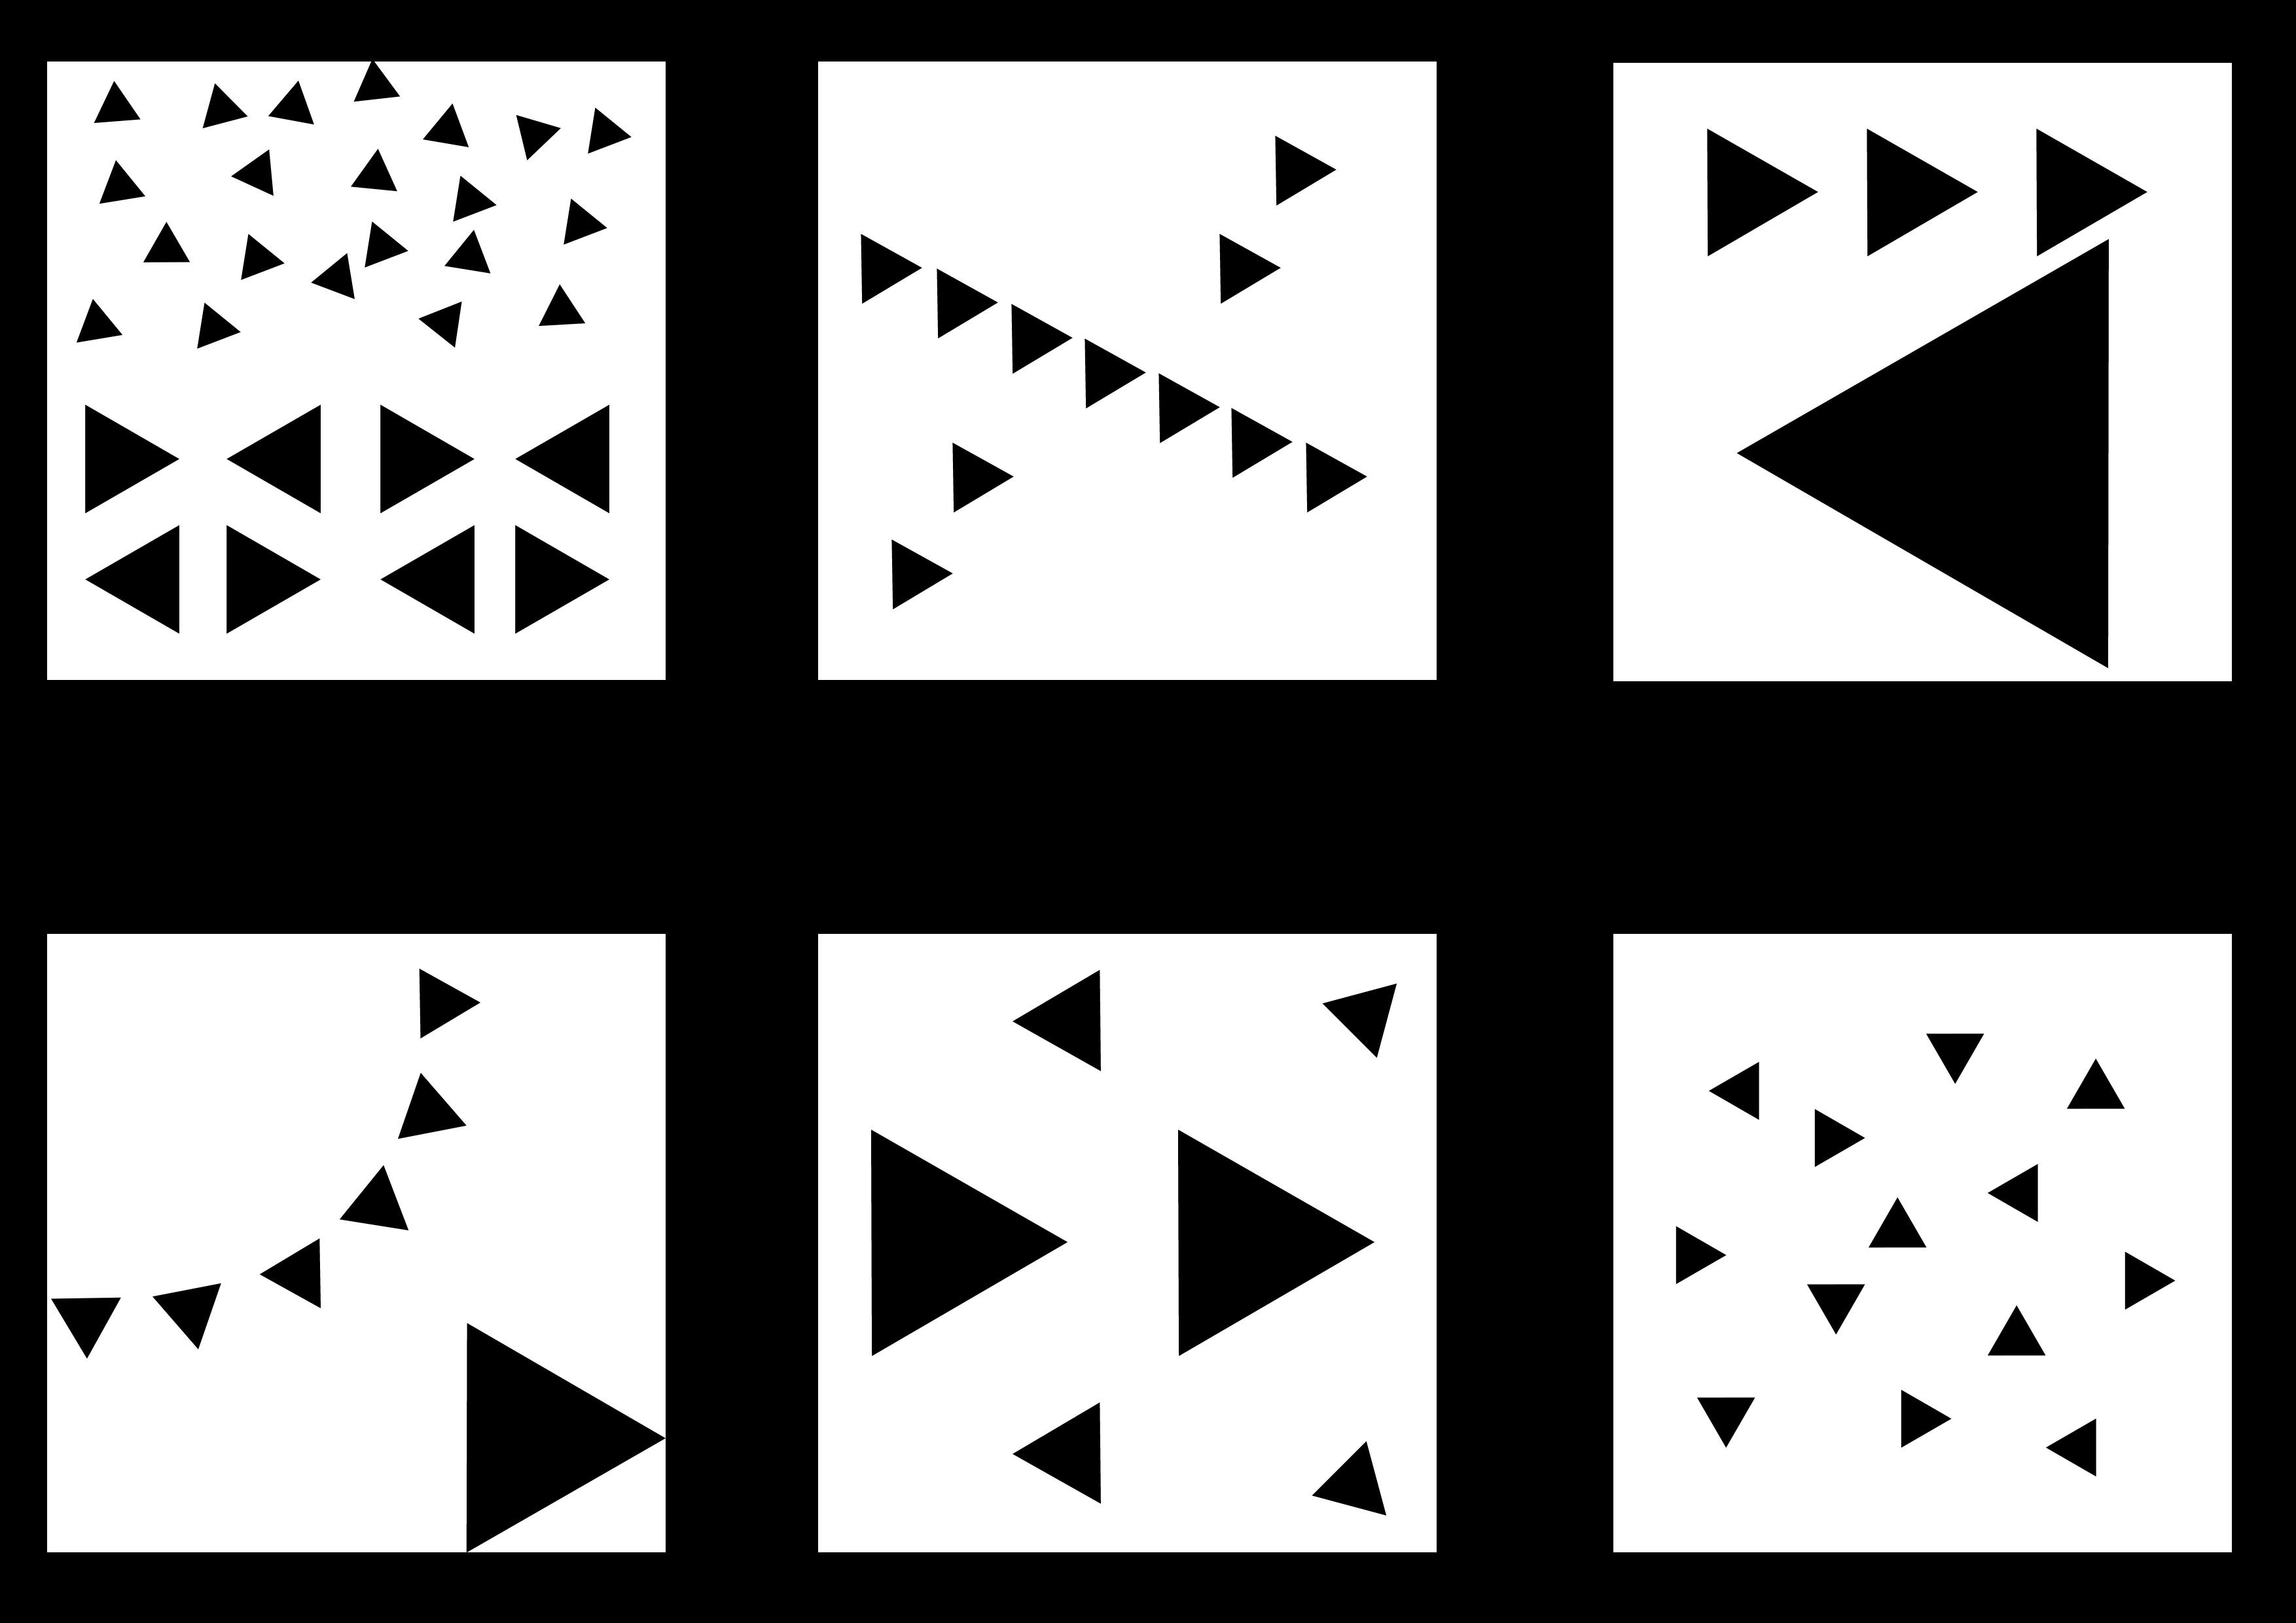 简单的三角形|平面|宣传品|南v美s鹰 - 原创作品图片